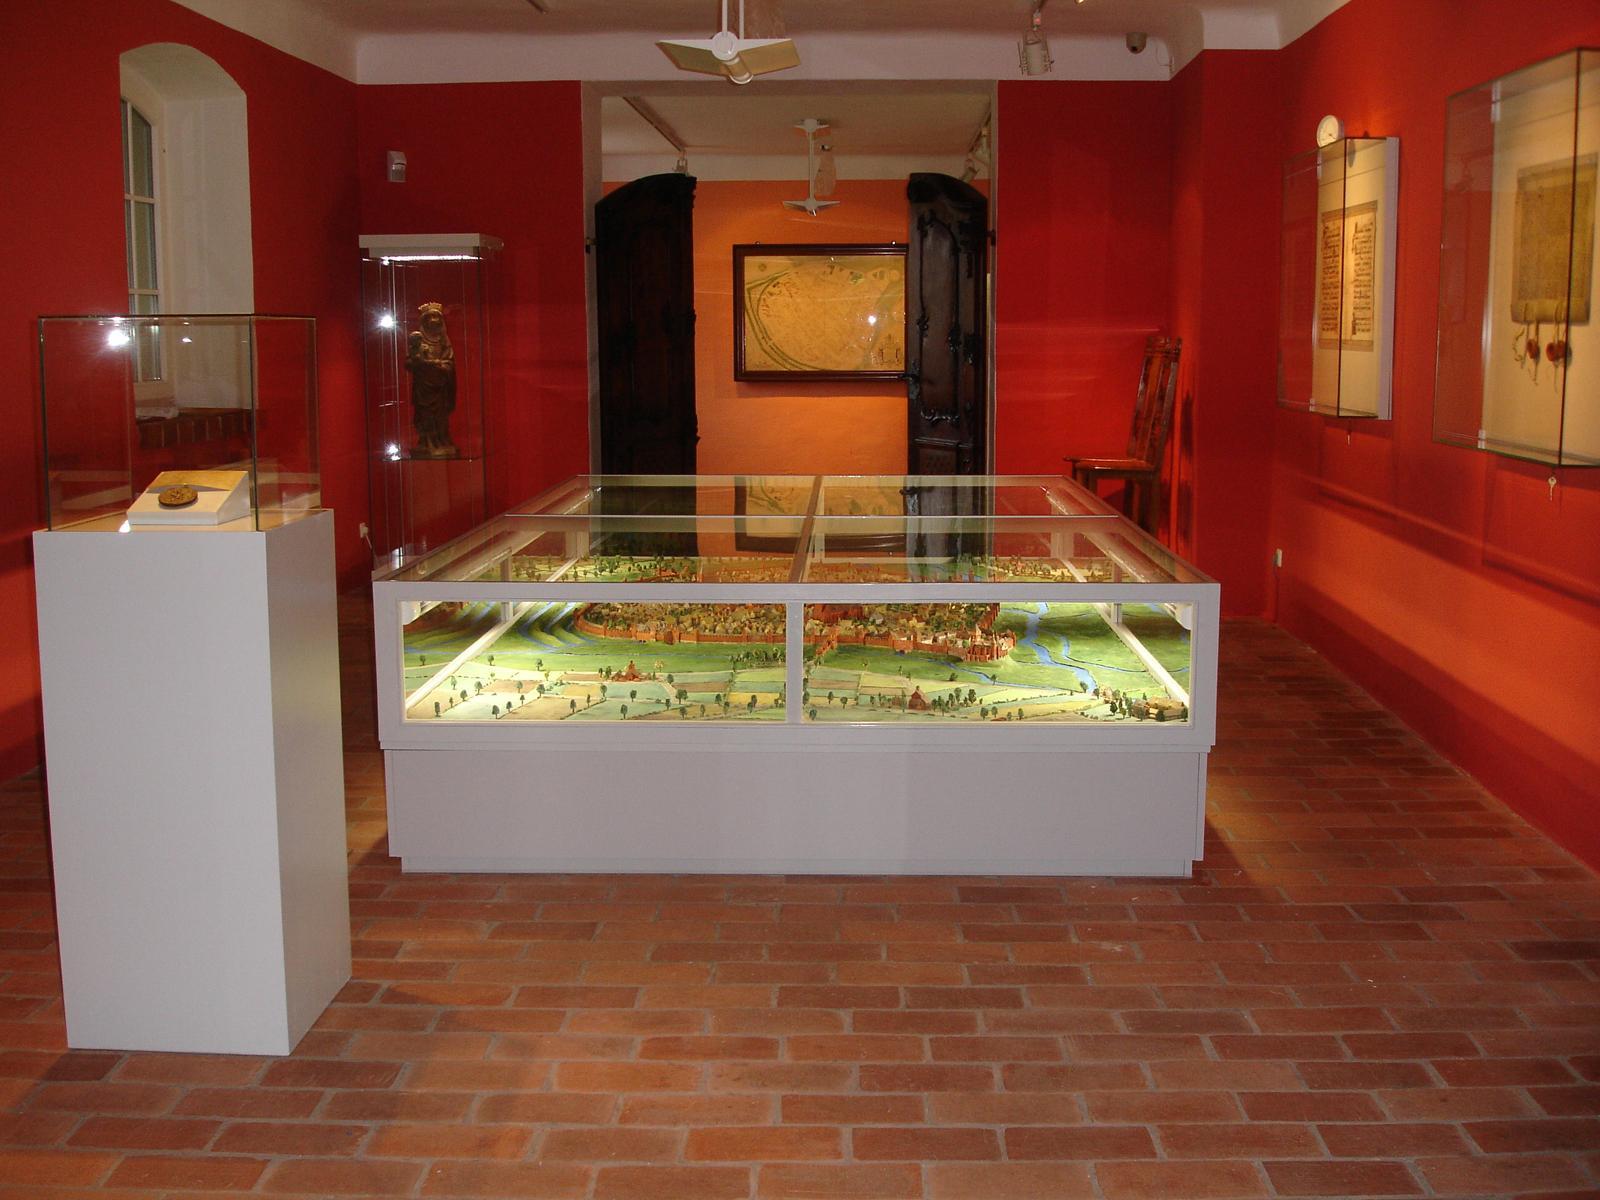 Blick in die untere Ebene des Ostprignitzmuseums